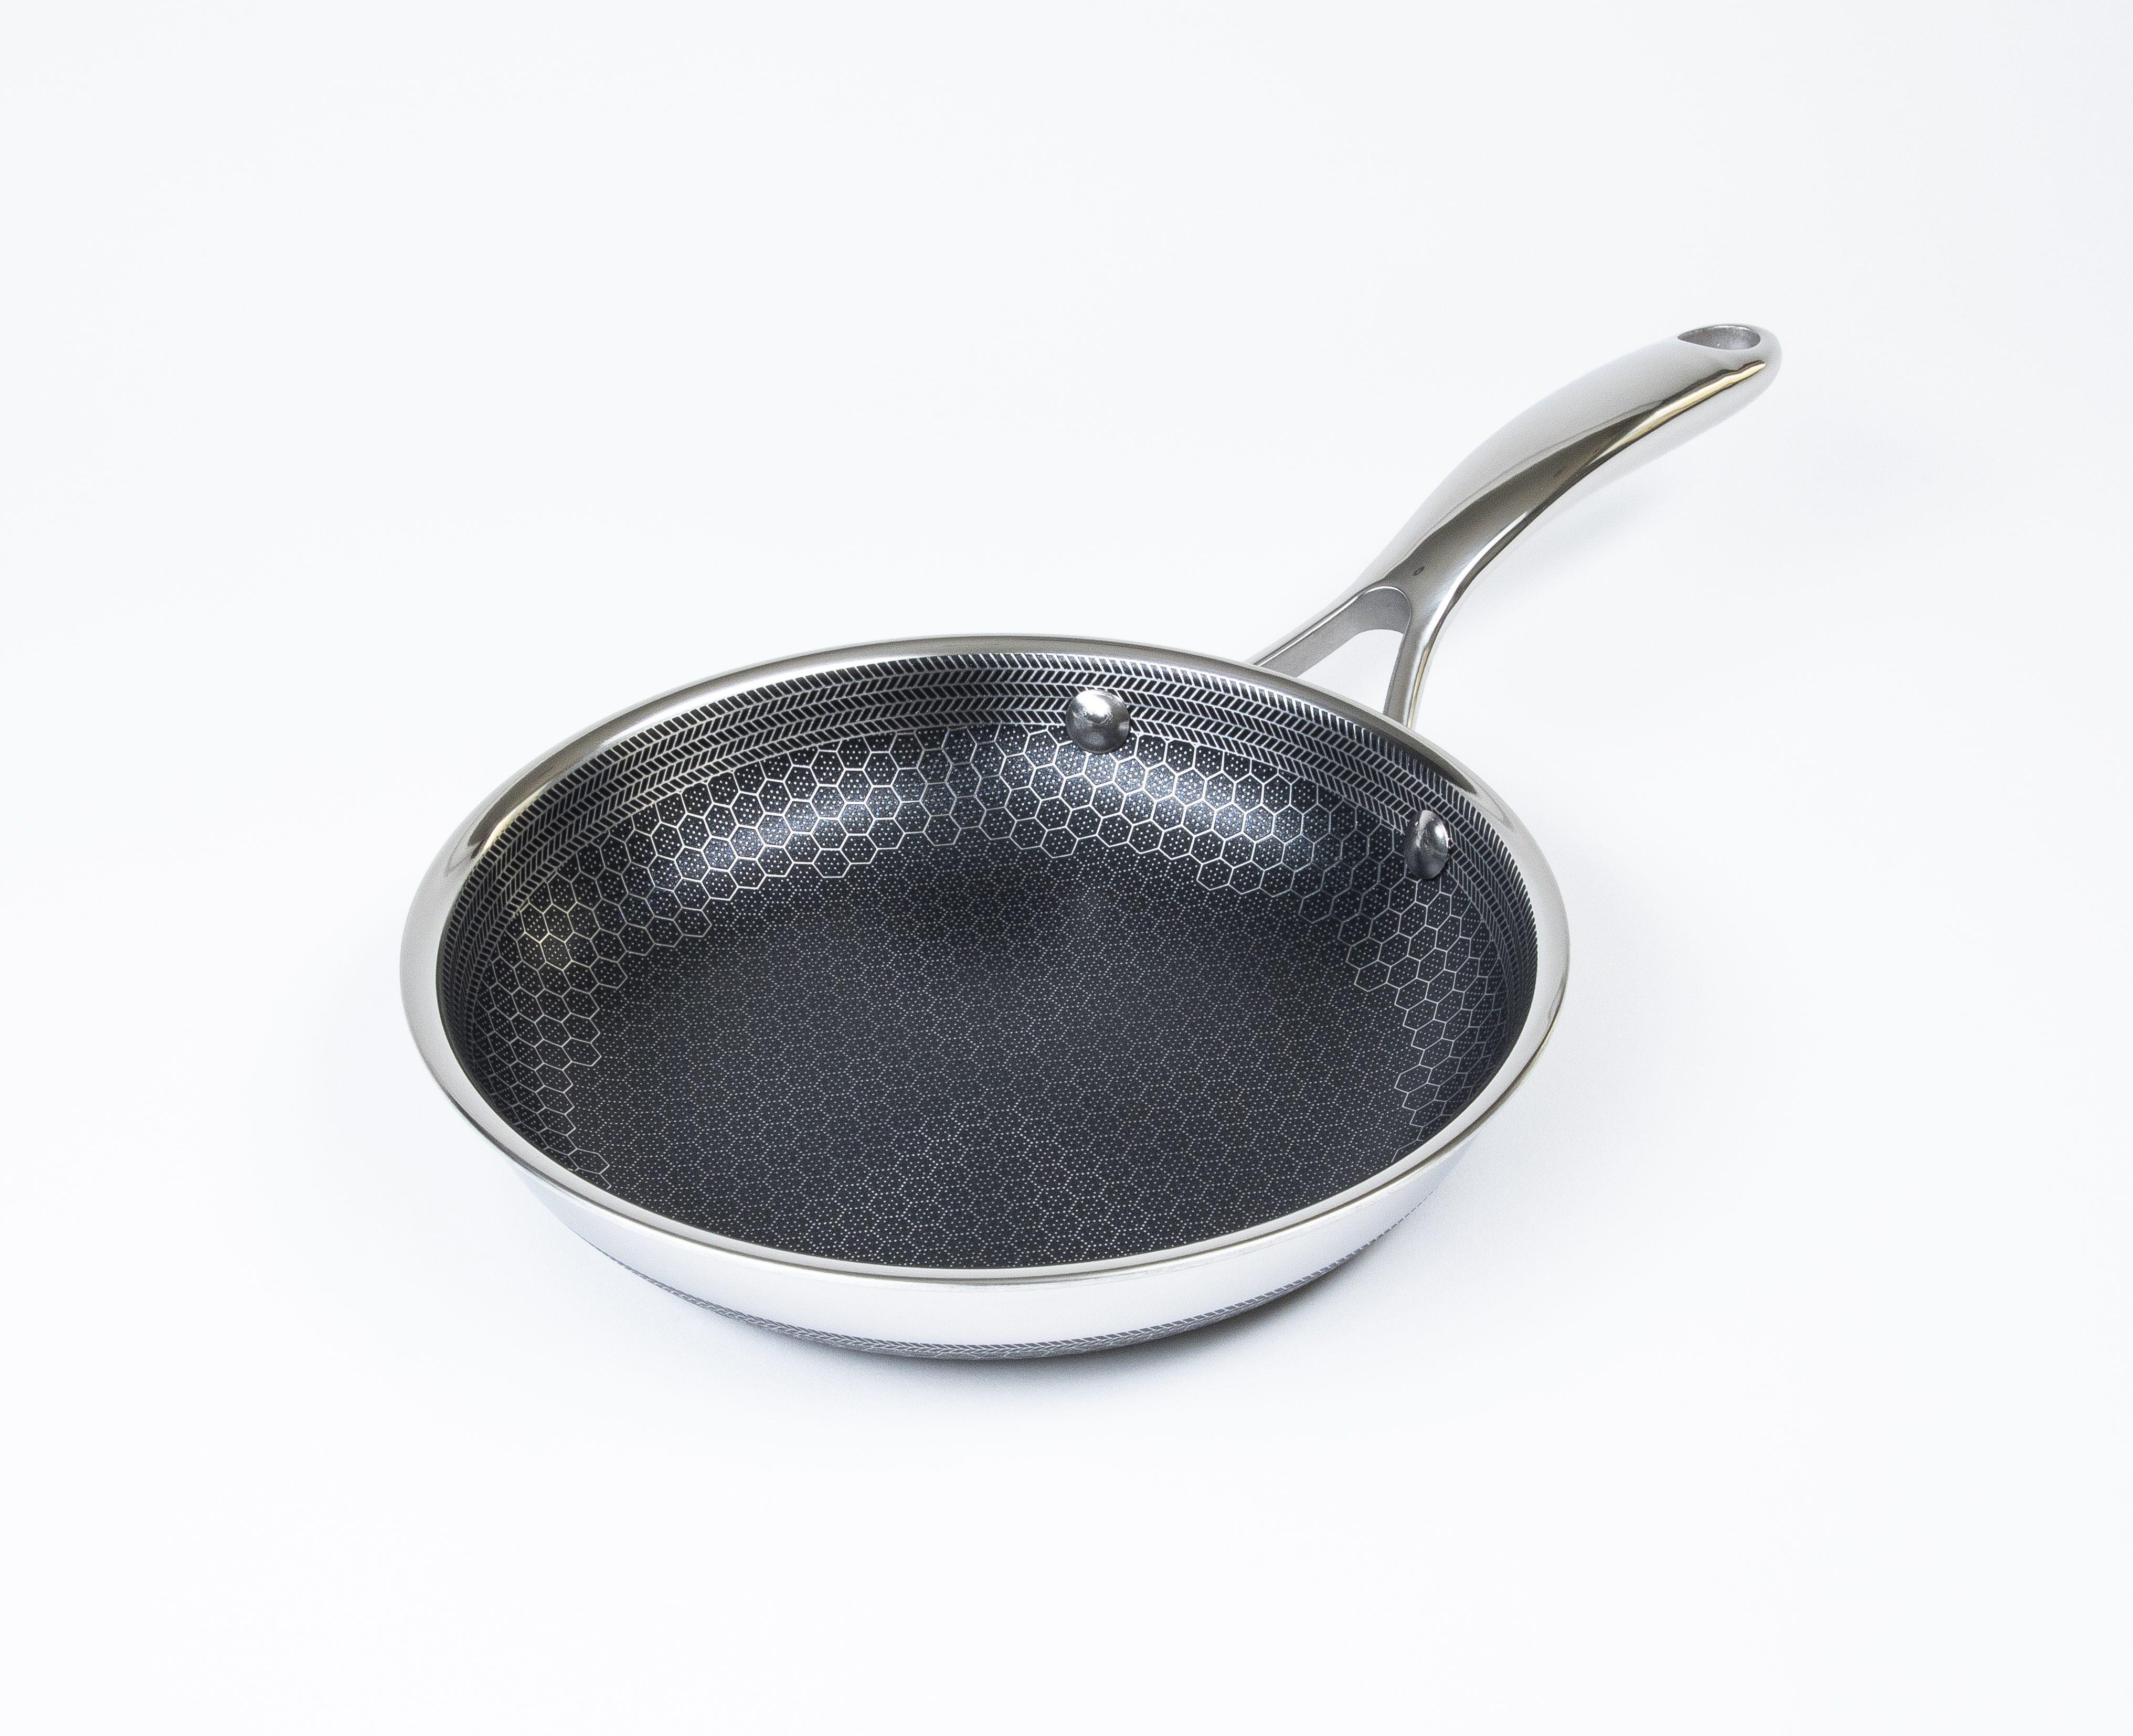 HexClad pan